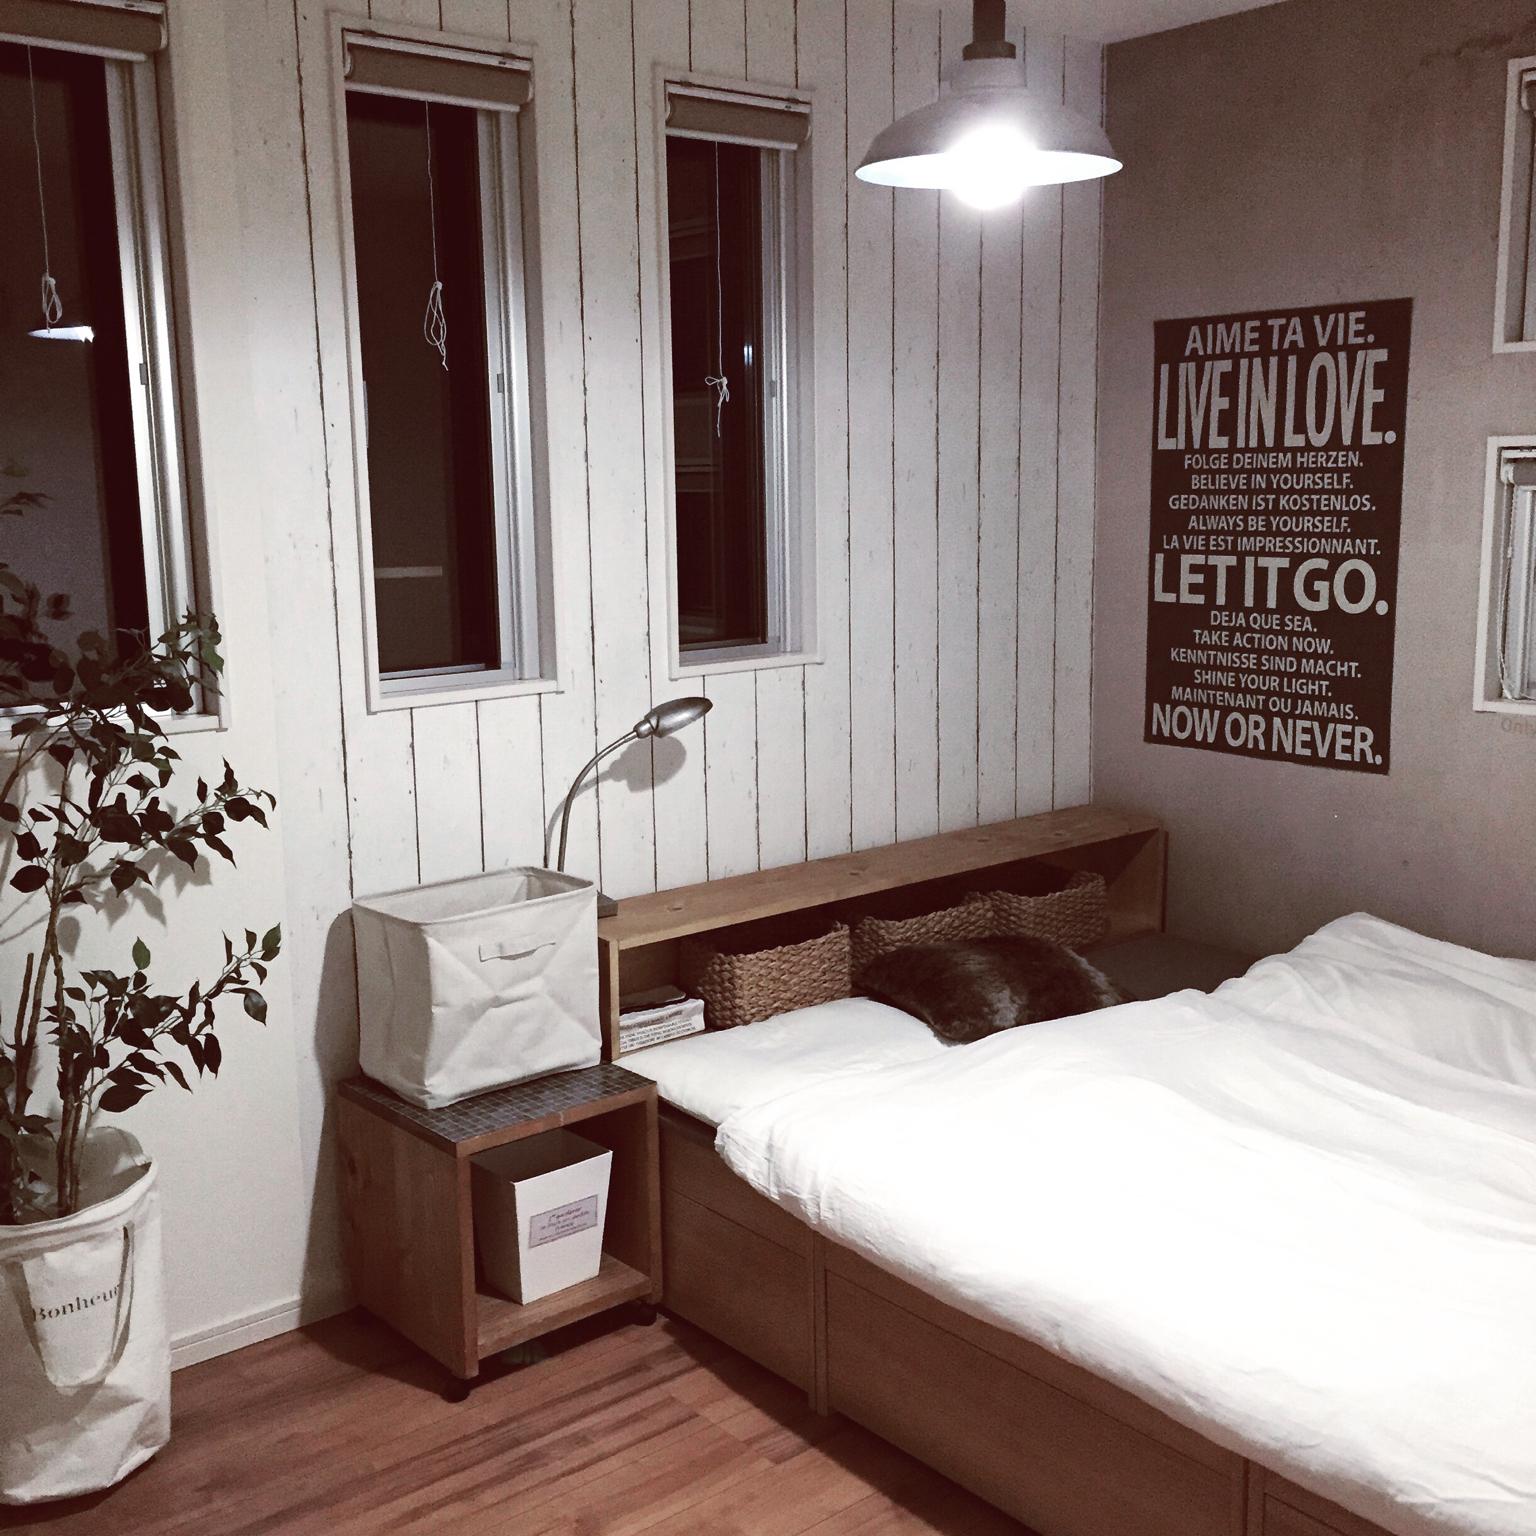 意外と簡単!三段ボックスDIYでおしゃれなベッドや家具作り!のサムネイル画像